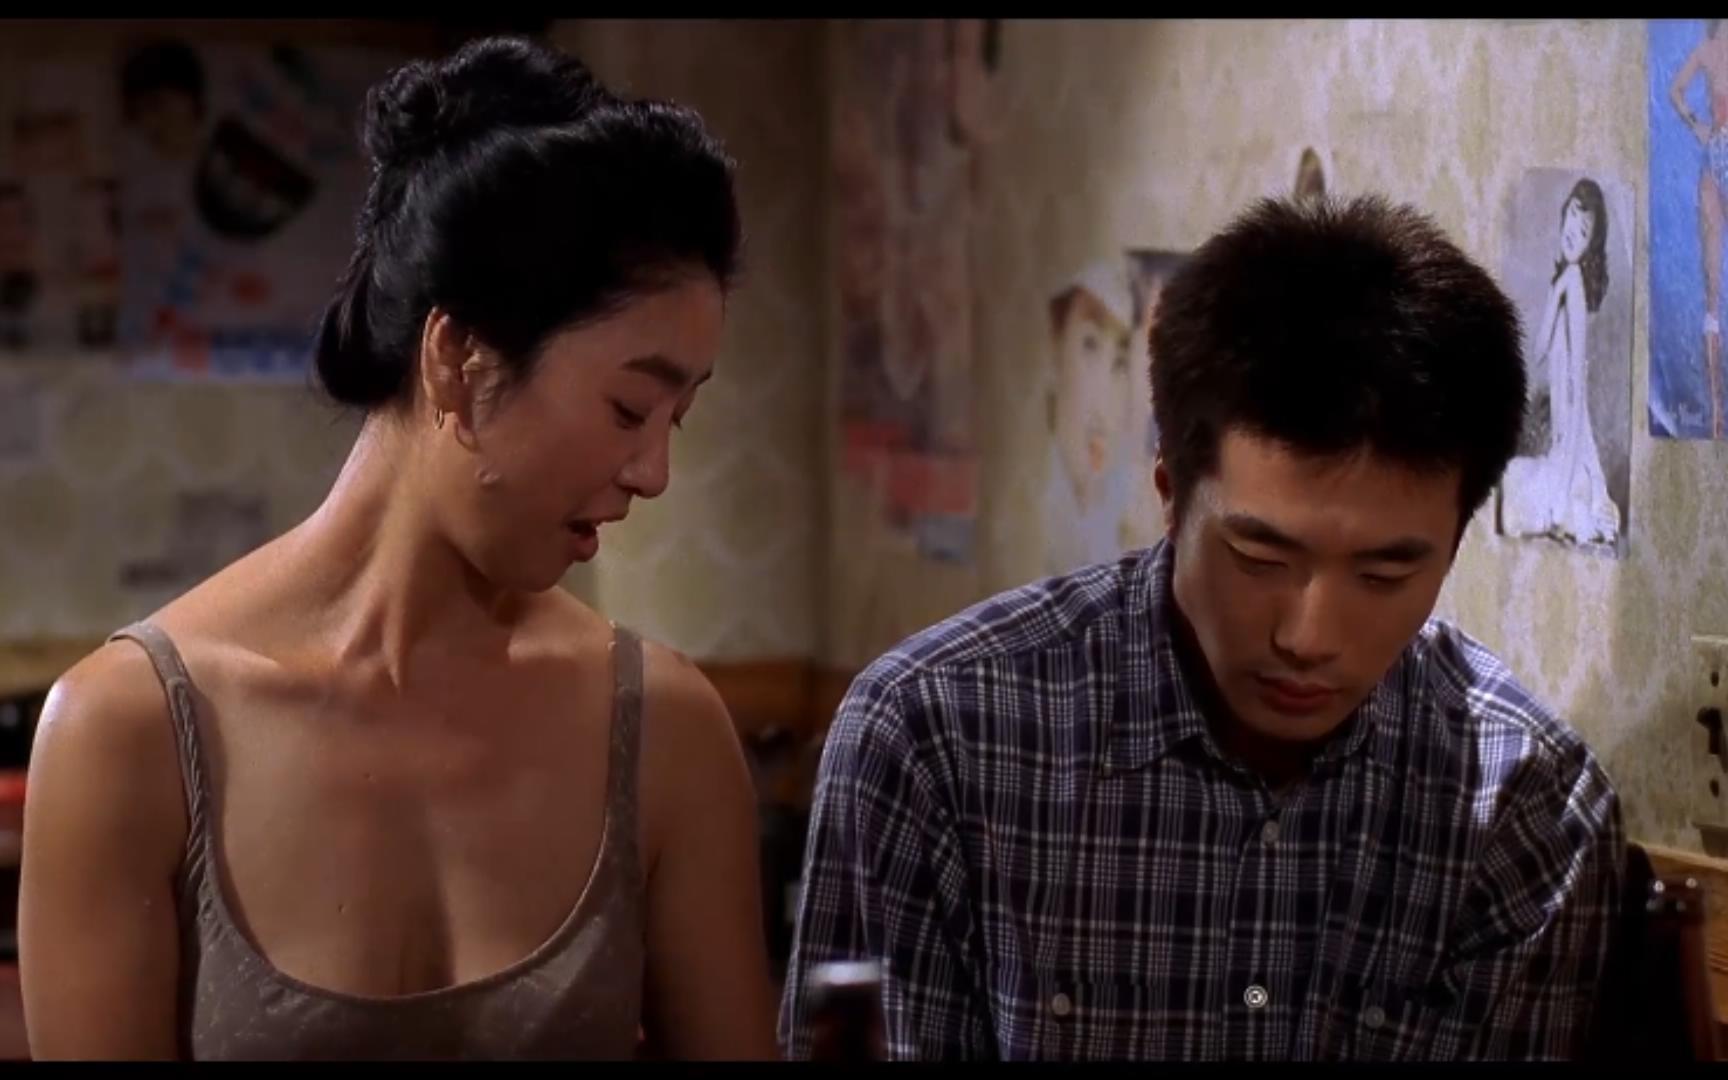 小伙被基友横刀夺爱,酒馆老板娘趁机安慰,70年代混乱的韩国